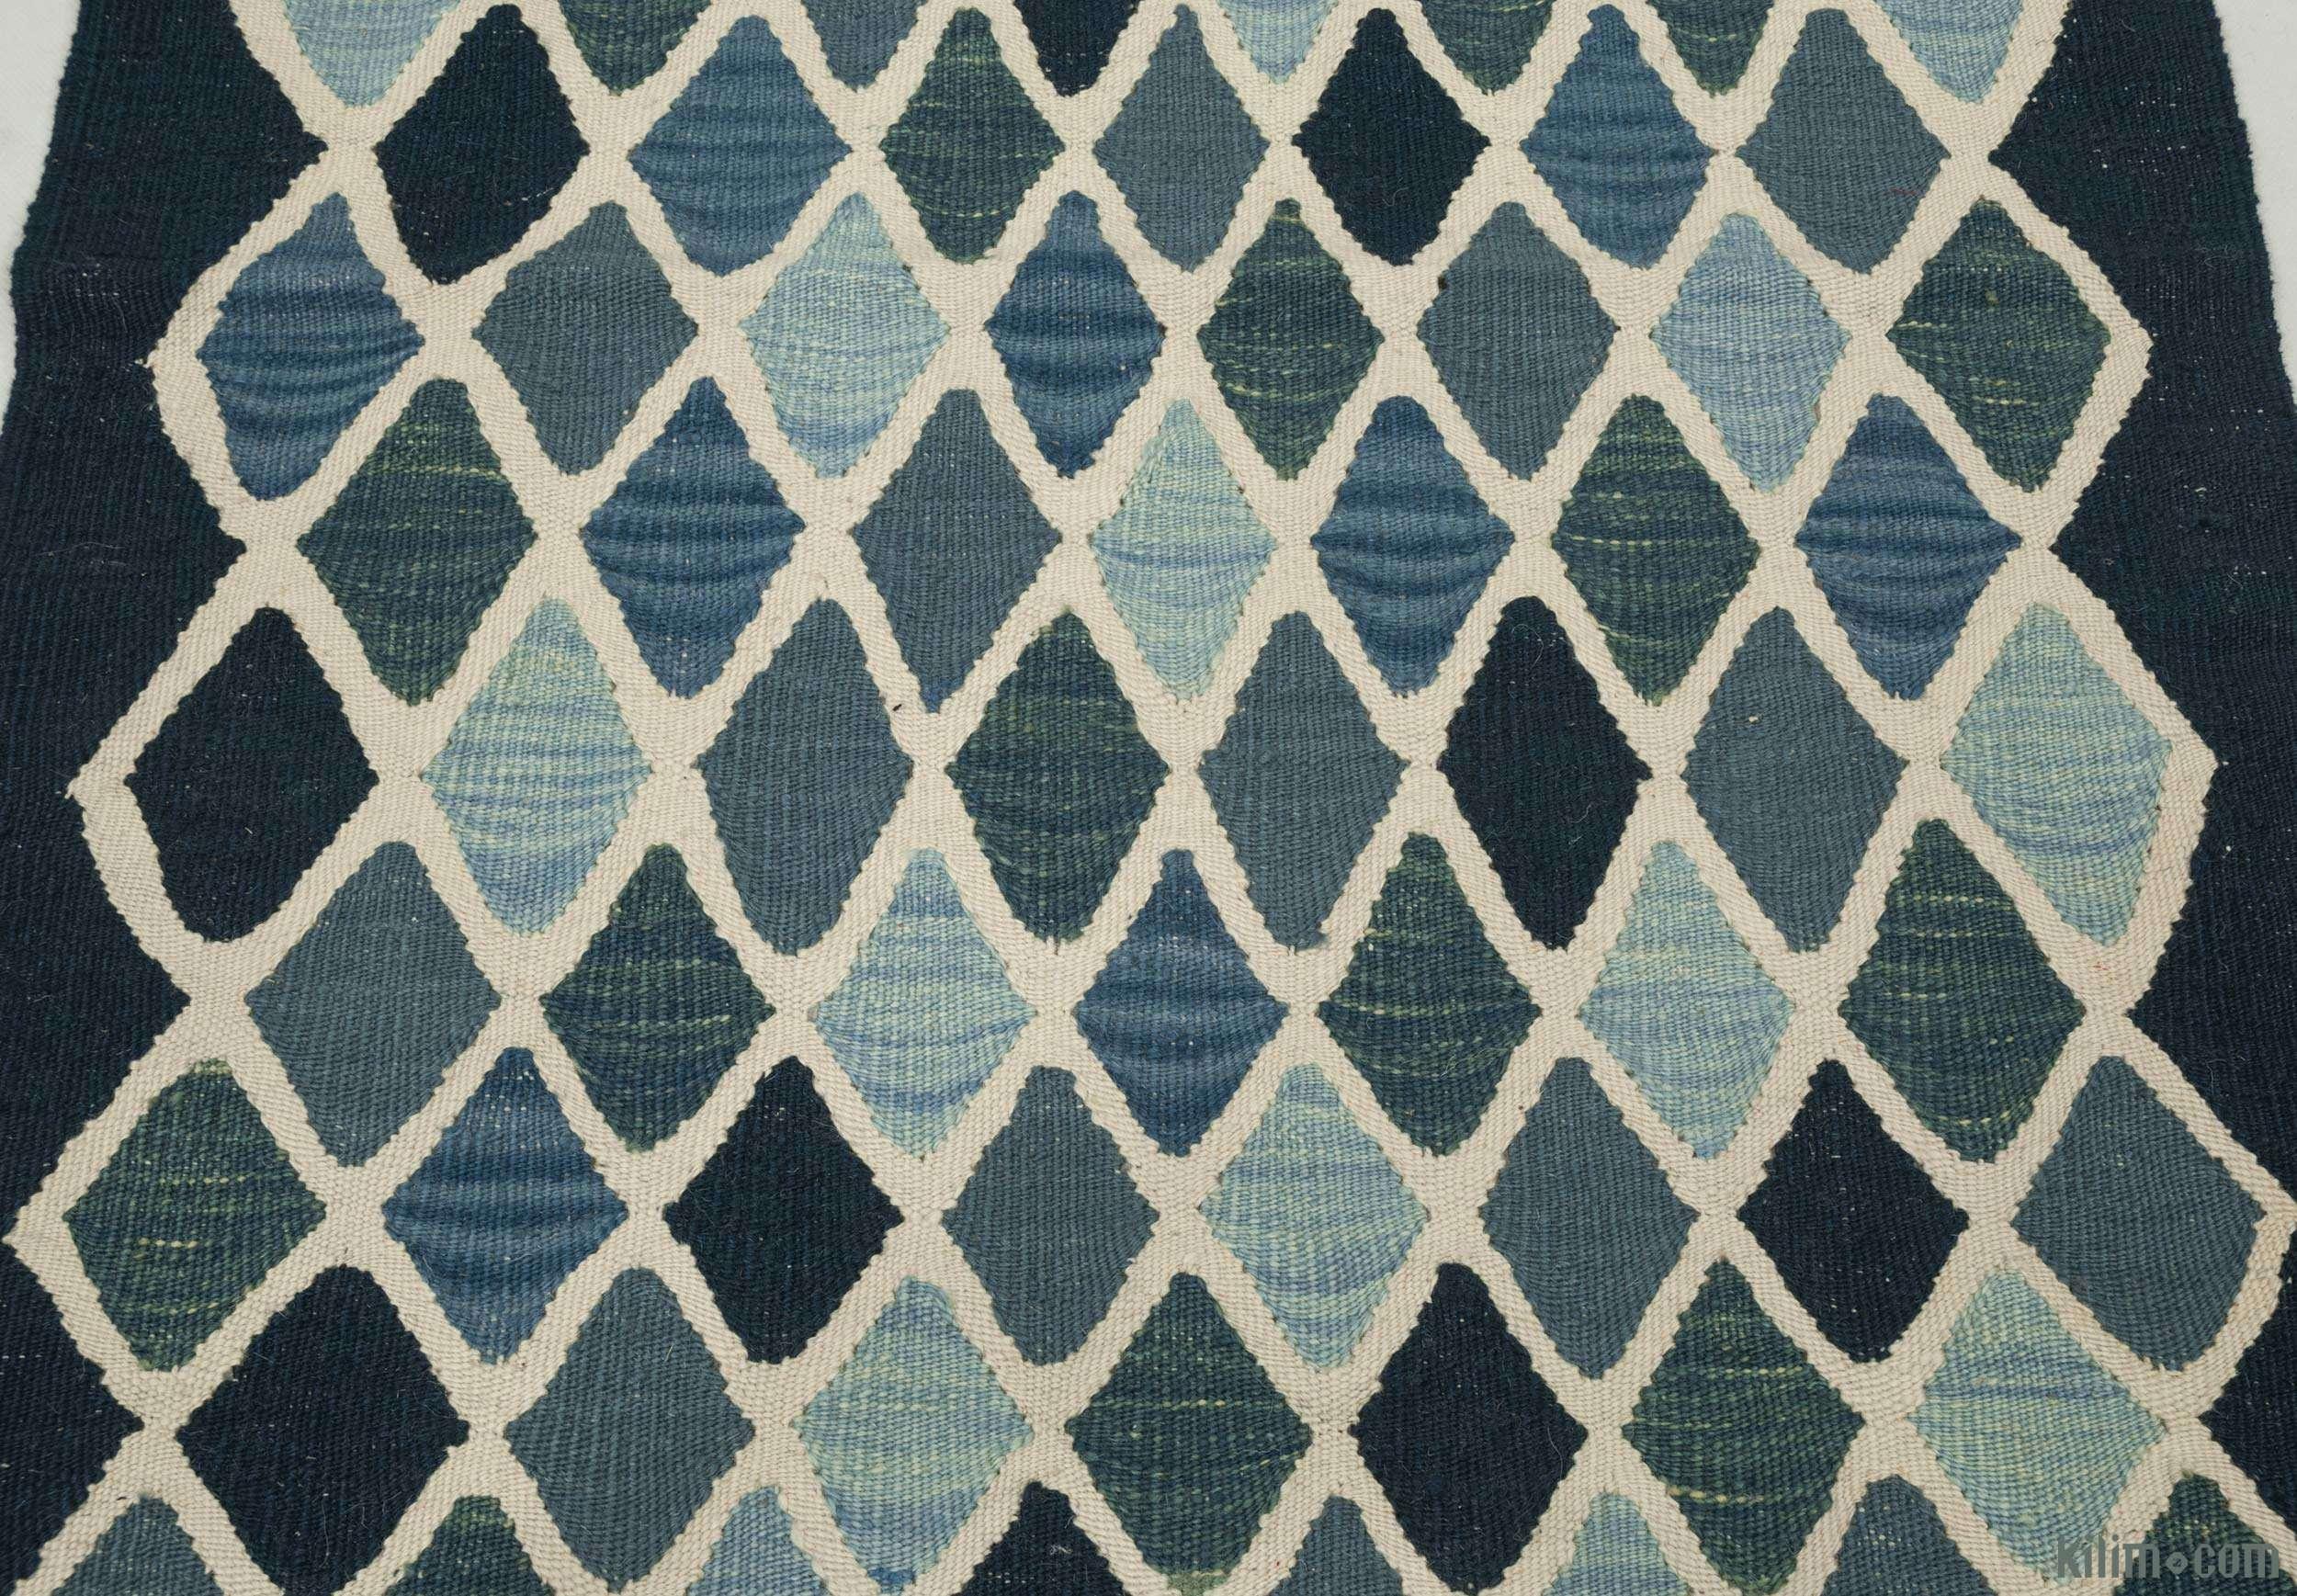 k0004610 blue light blue new turkish kilim runner rug. Black Bedroom Furniture Sets. Home Design Ideas